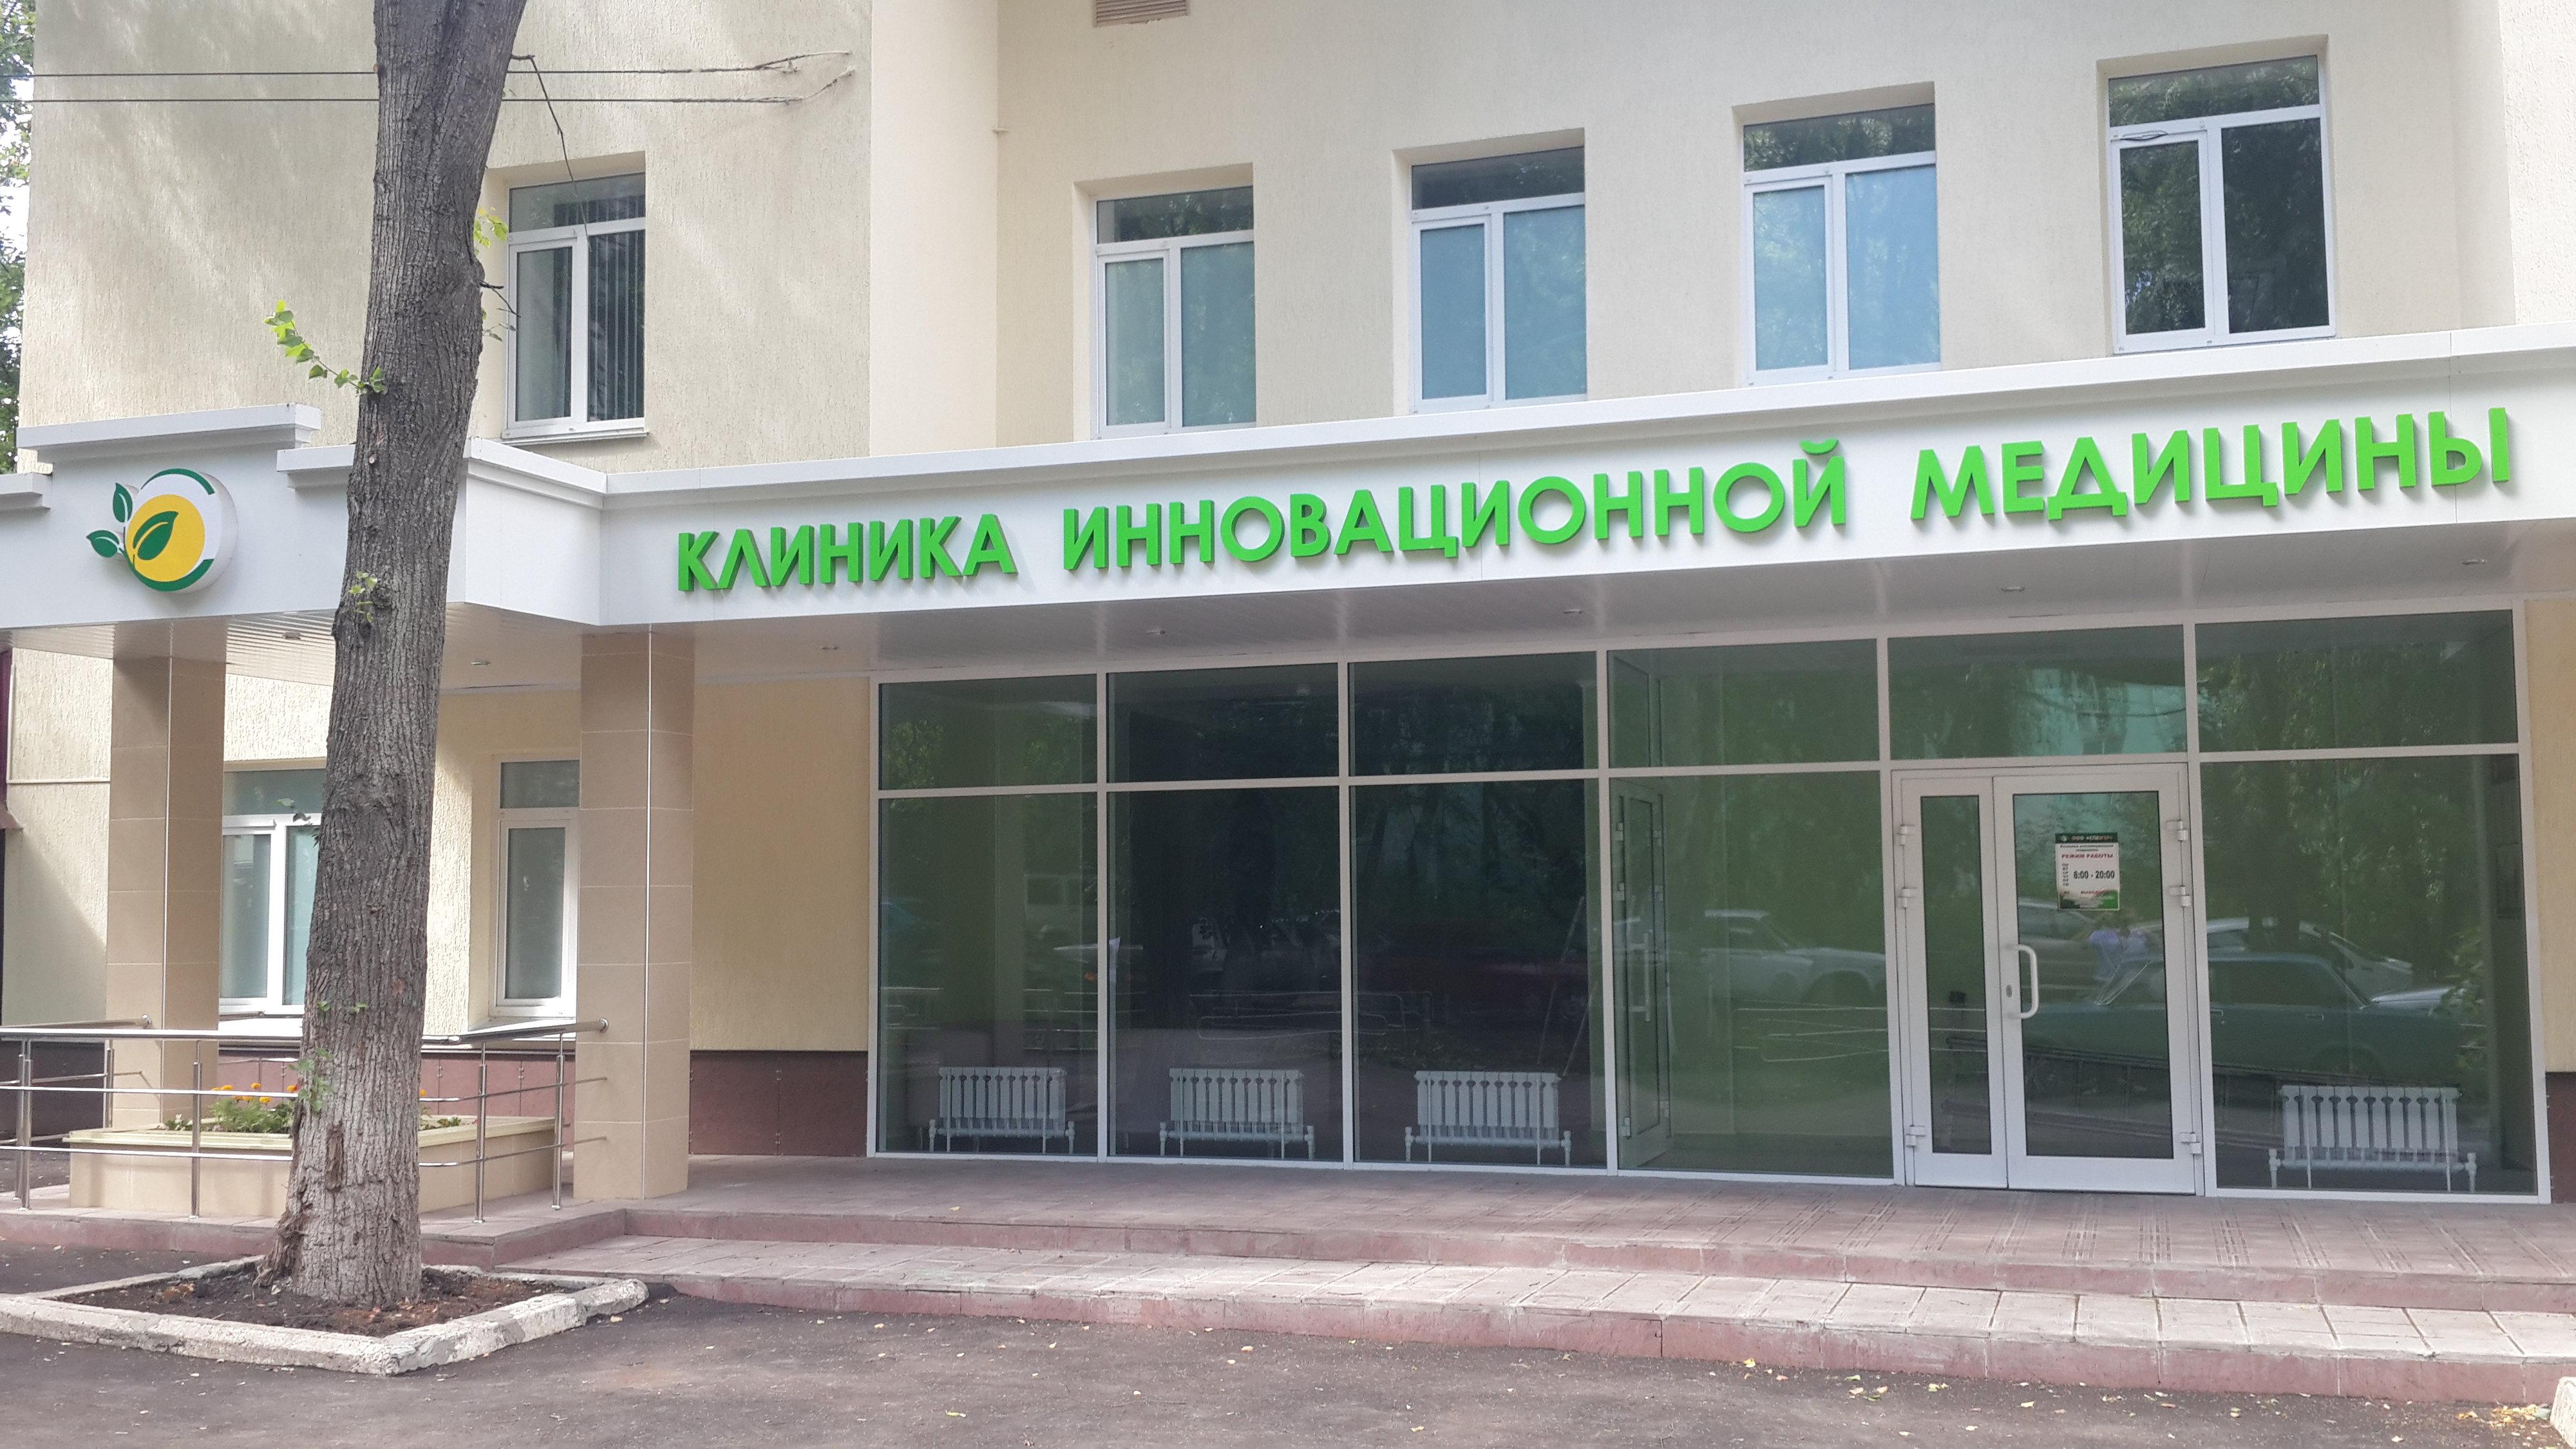 Сычкова 7 саранск наркология режим кукольник от алкоголизма инструкция